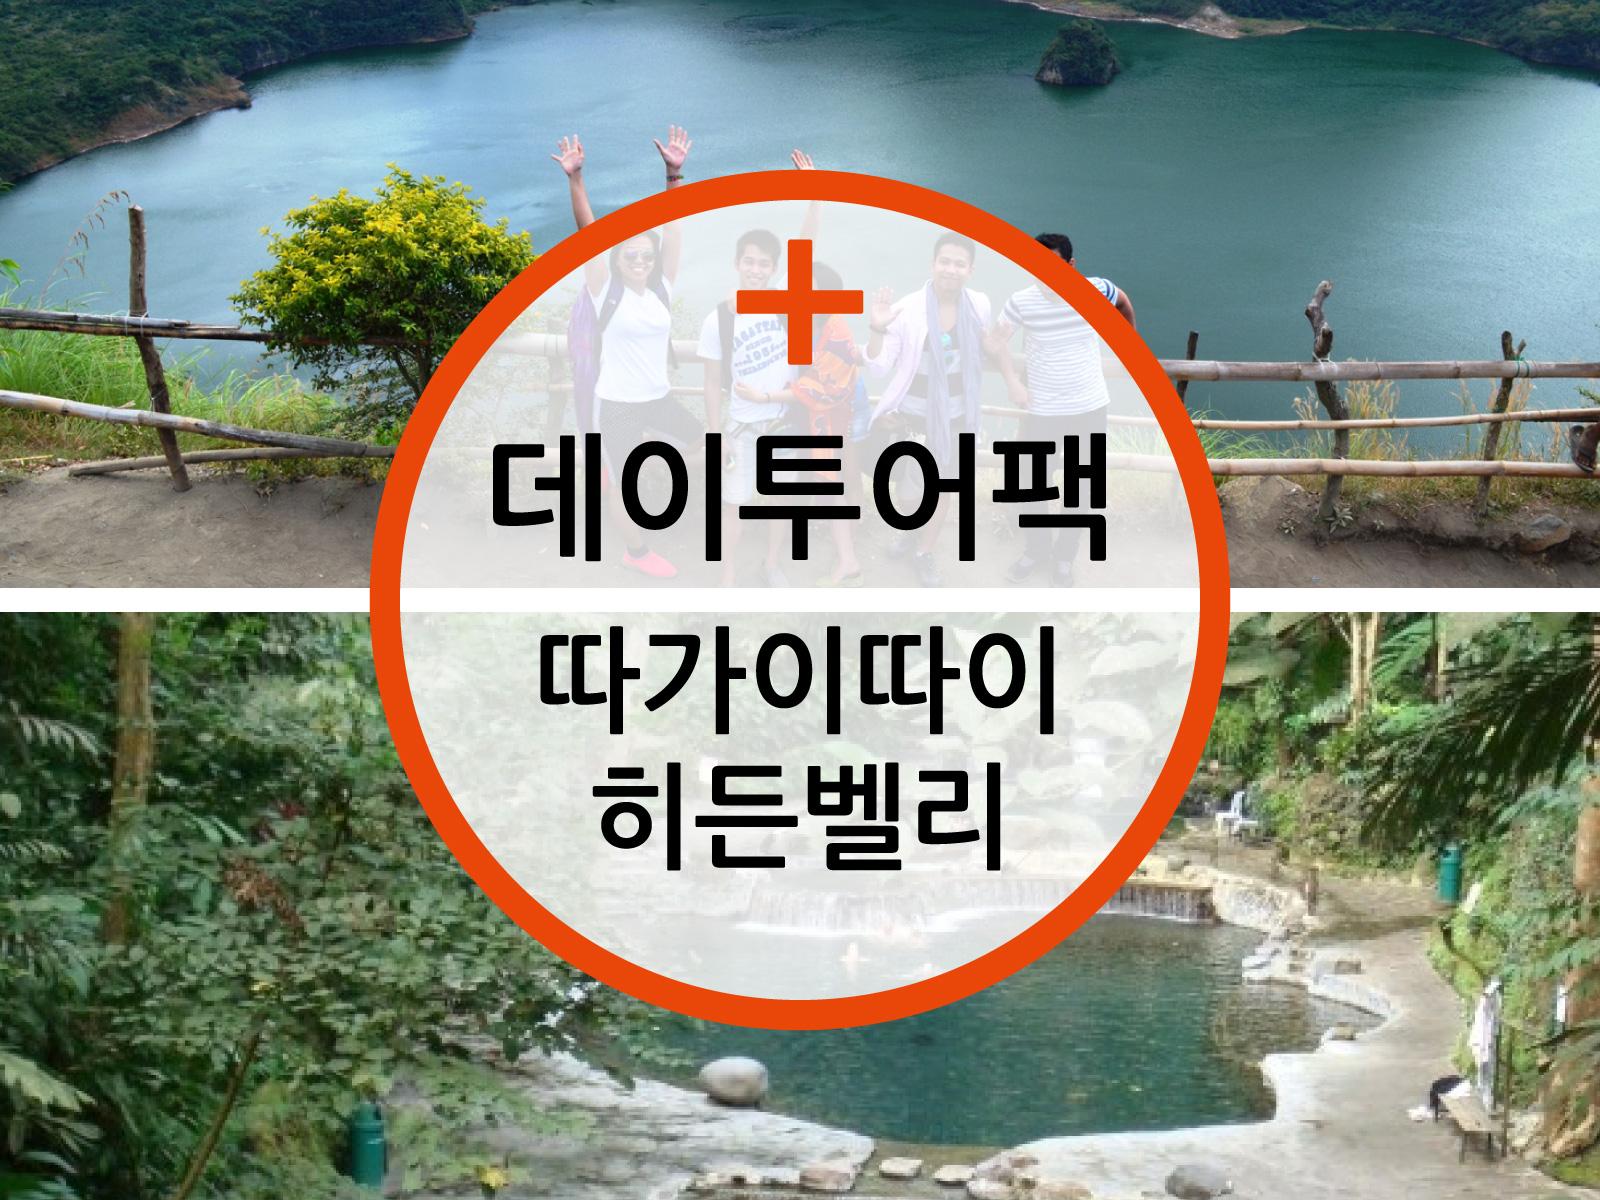 [콤보] 마닐라 따가이따이 + 히든벨리 데이투어(당일여행) - 단독 투어